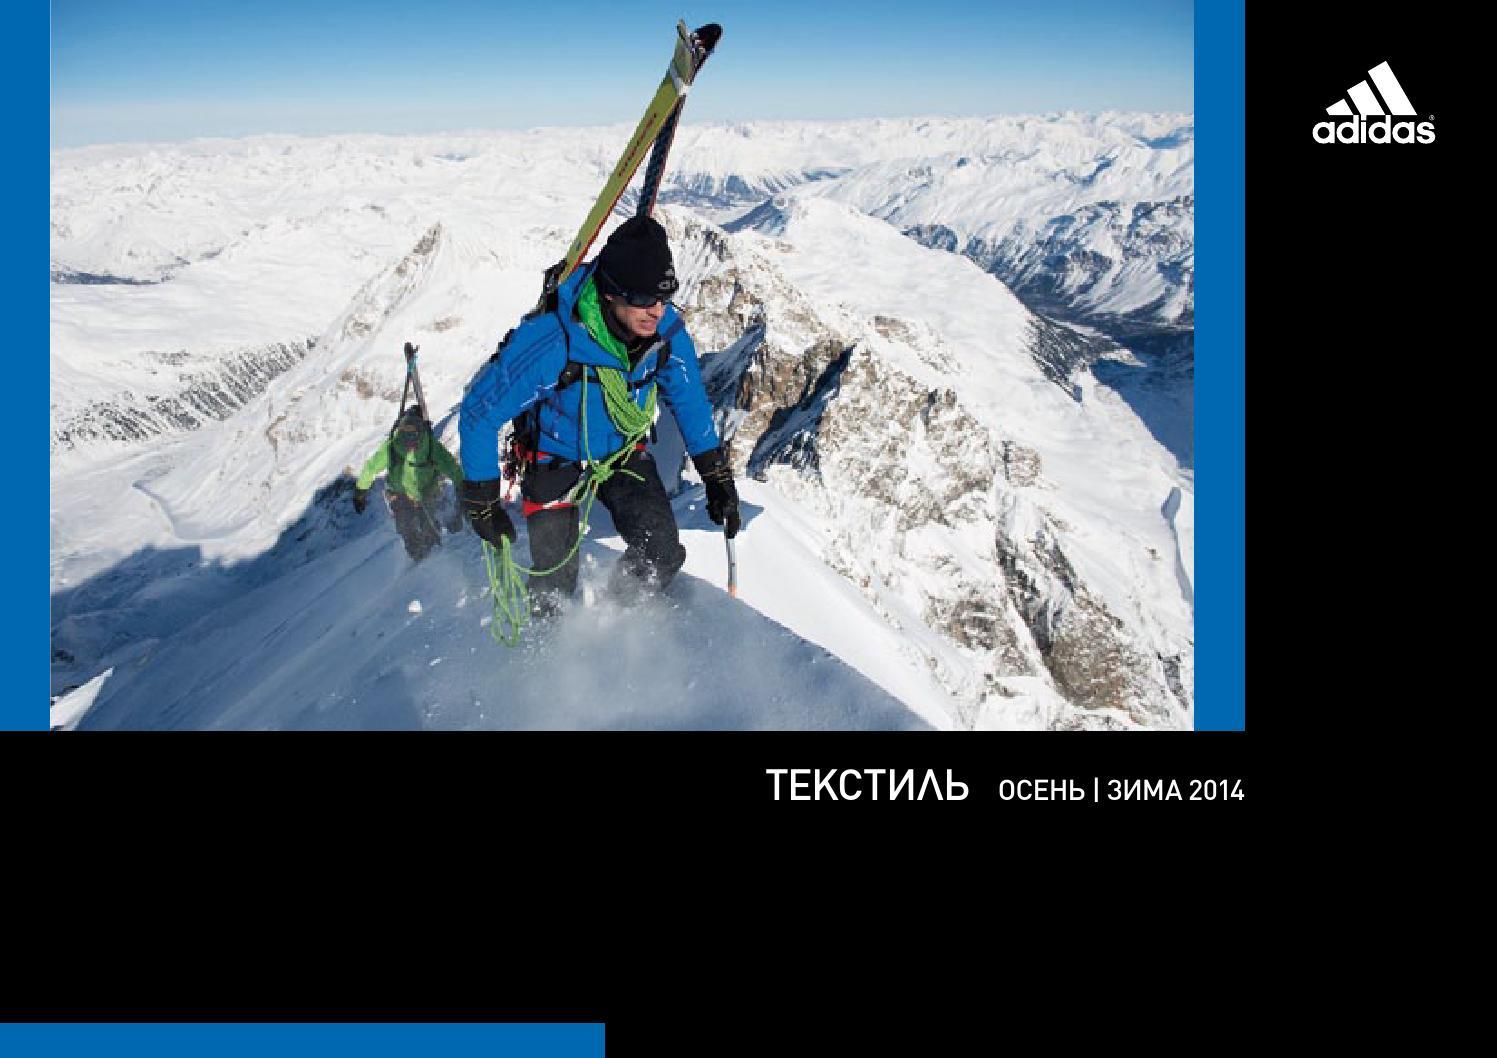 74e27cbea003 A texttil osen zima 2014 by Sergey Ivanovich - issuu